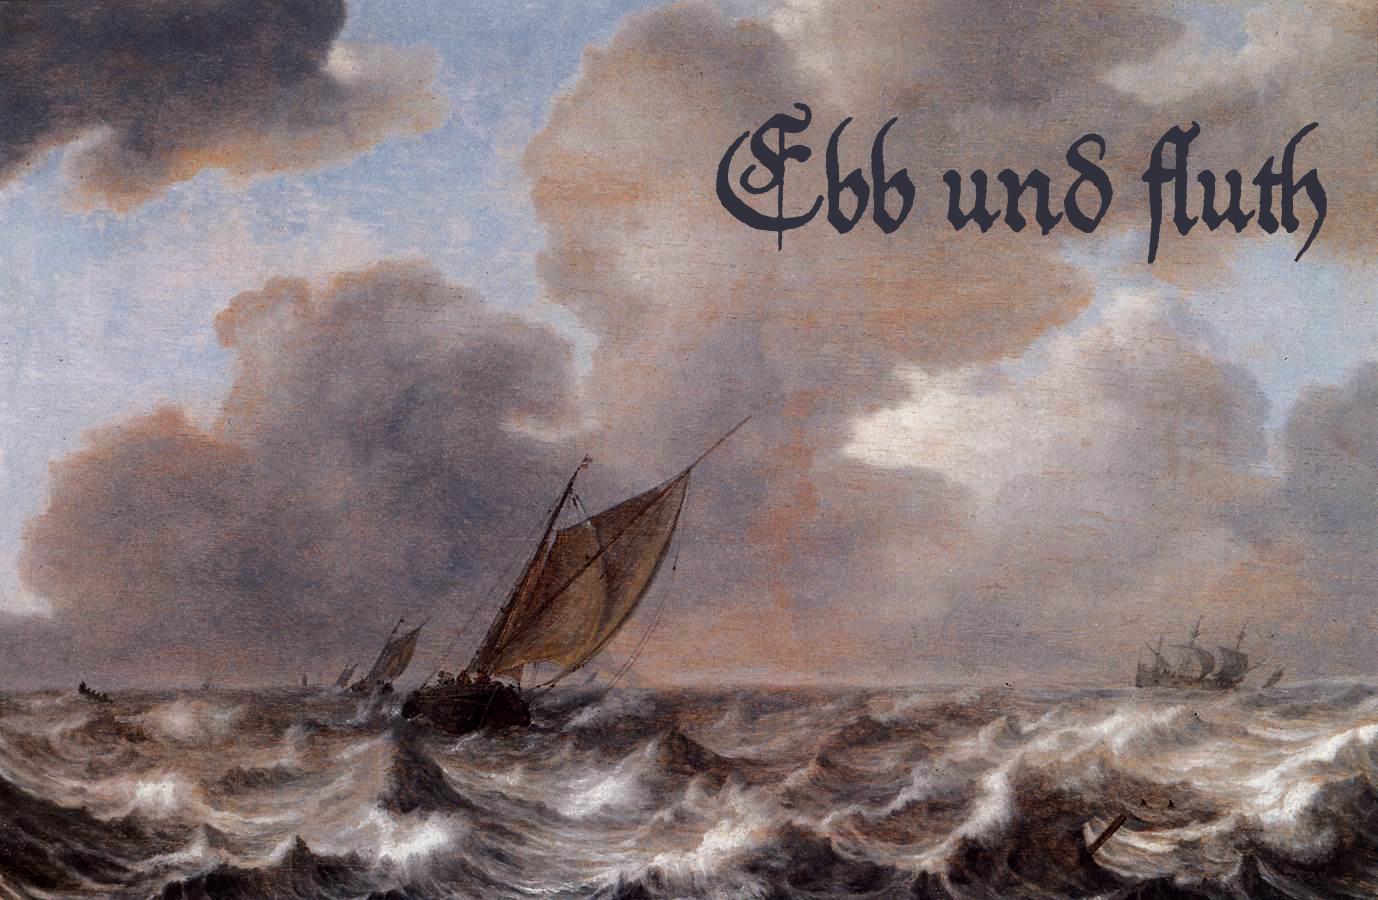 Ebb und Fluth